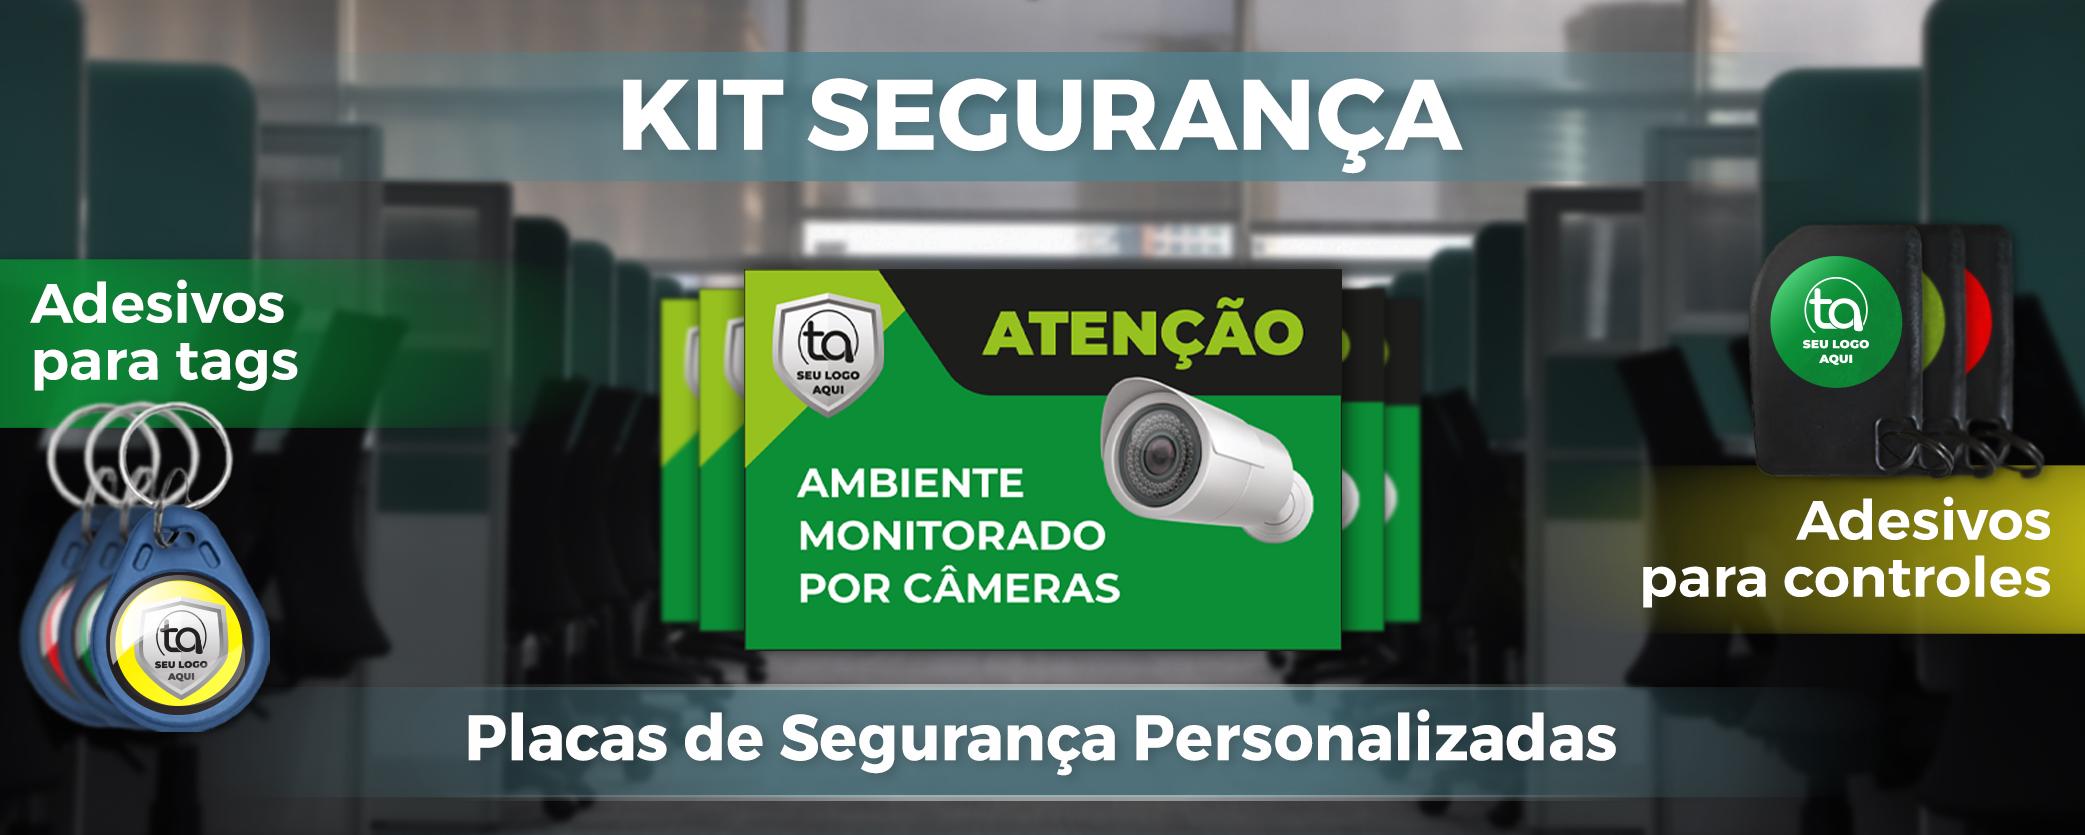 https://tudoartedigital.com.br/categoria/placas/21